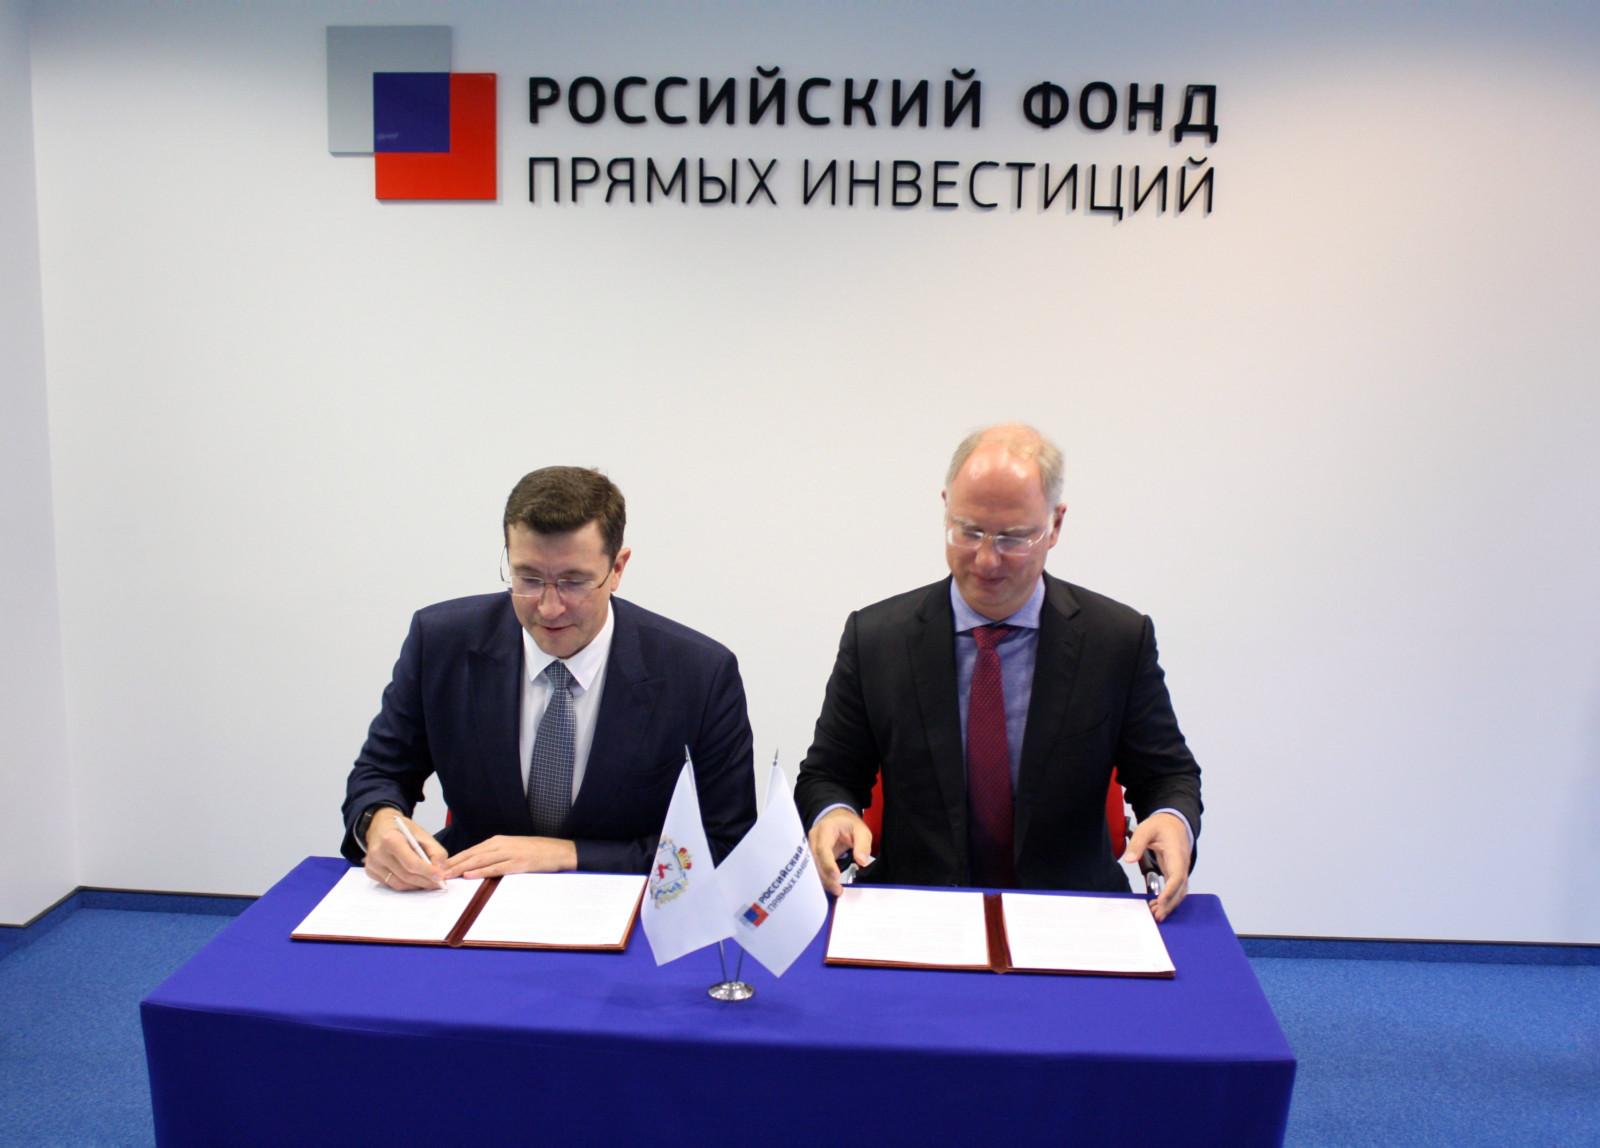 Российский фонд прямых инвестиций (рфпи)